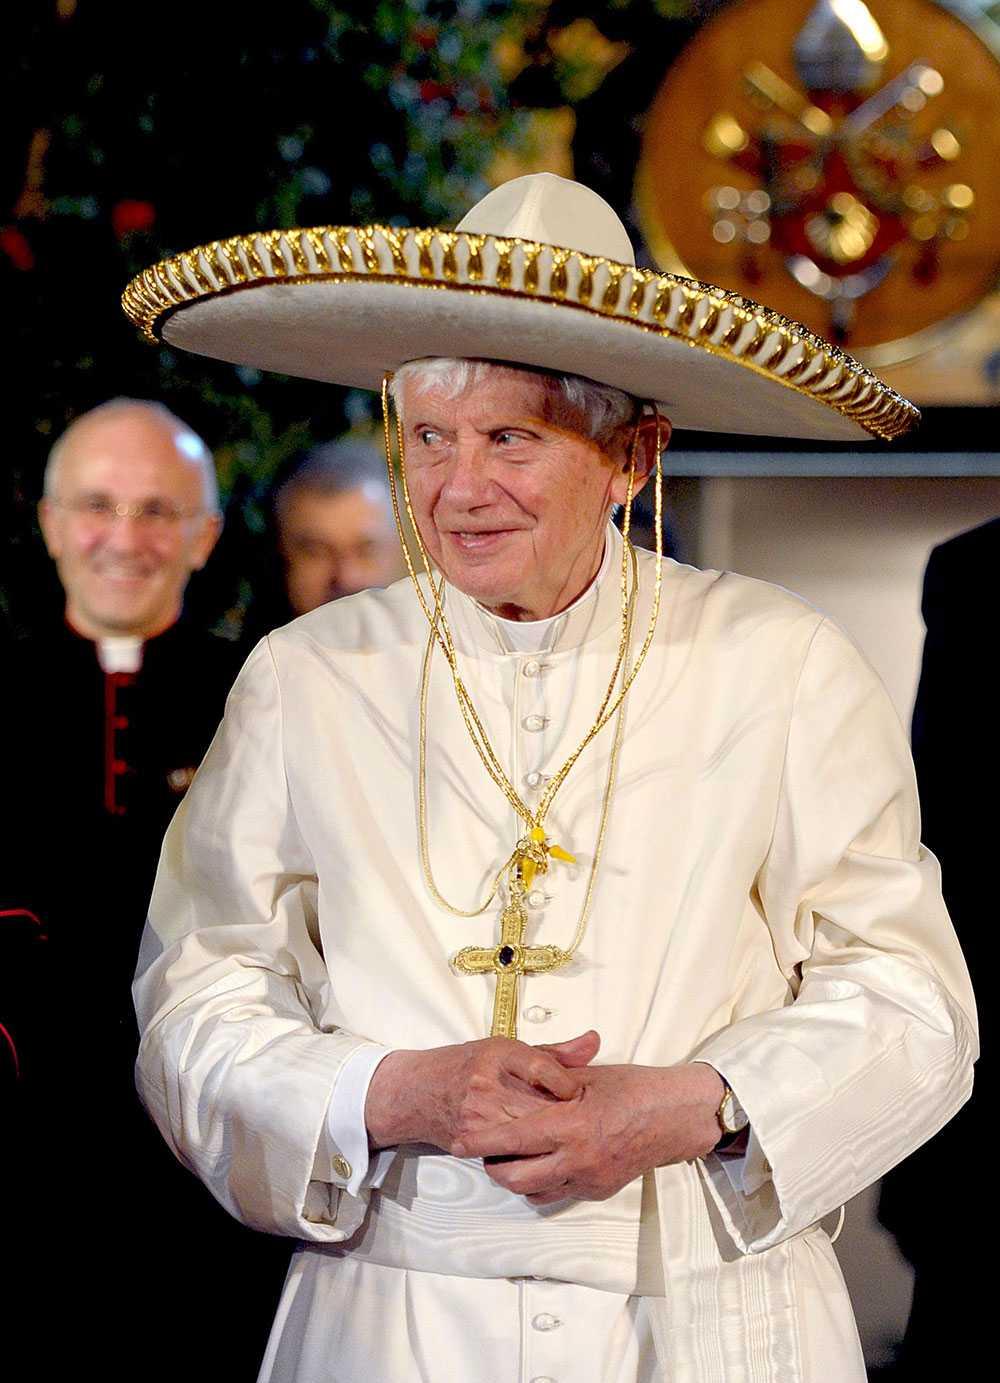 Påven på besök i Mexiko mars 2012. Vad passar då bättre än att bära en sombrero?